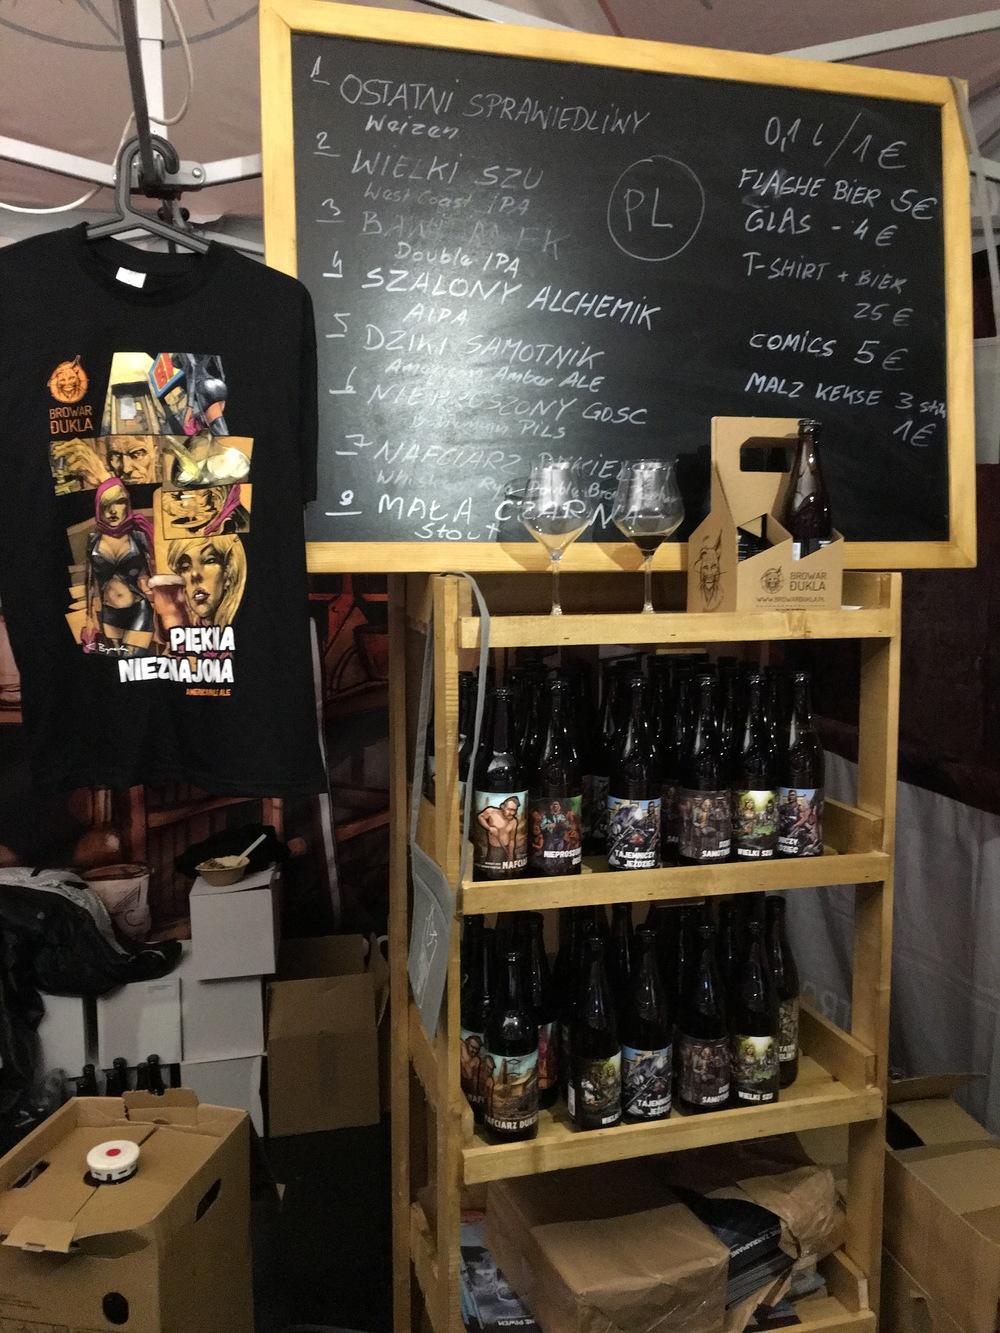 A peek at  Browar Dukla's  beer selection